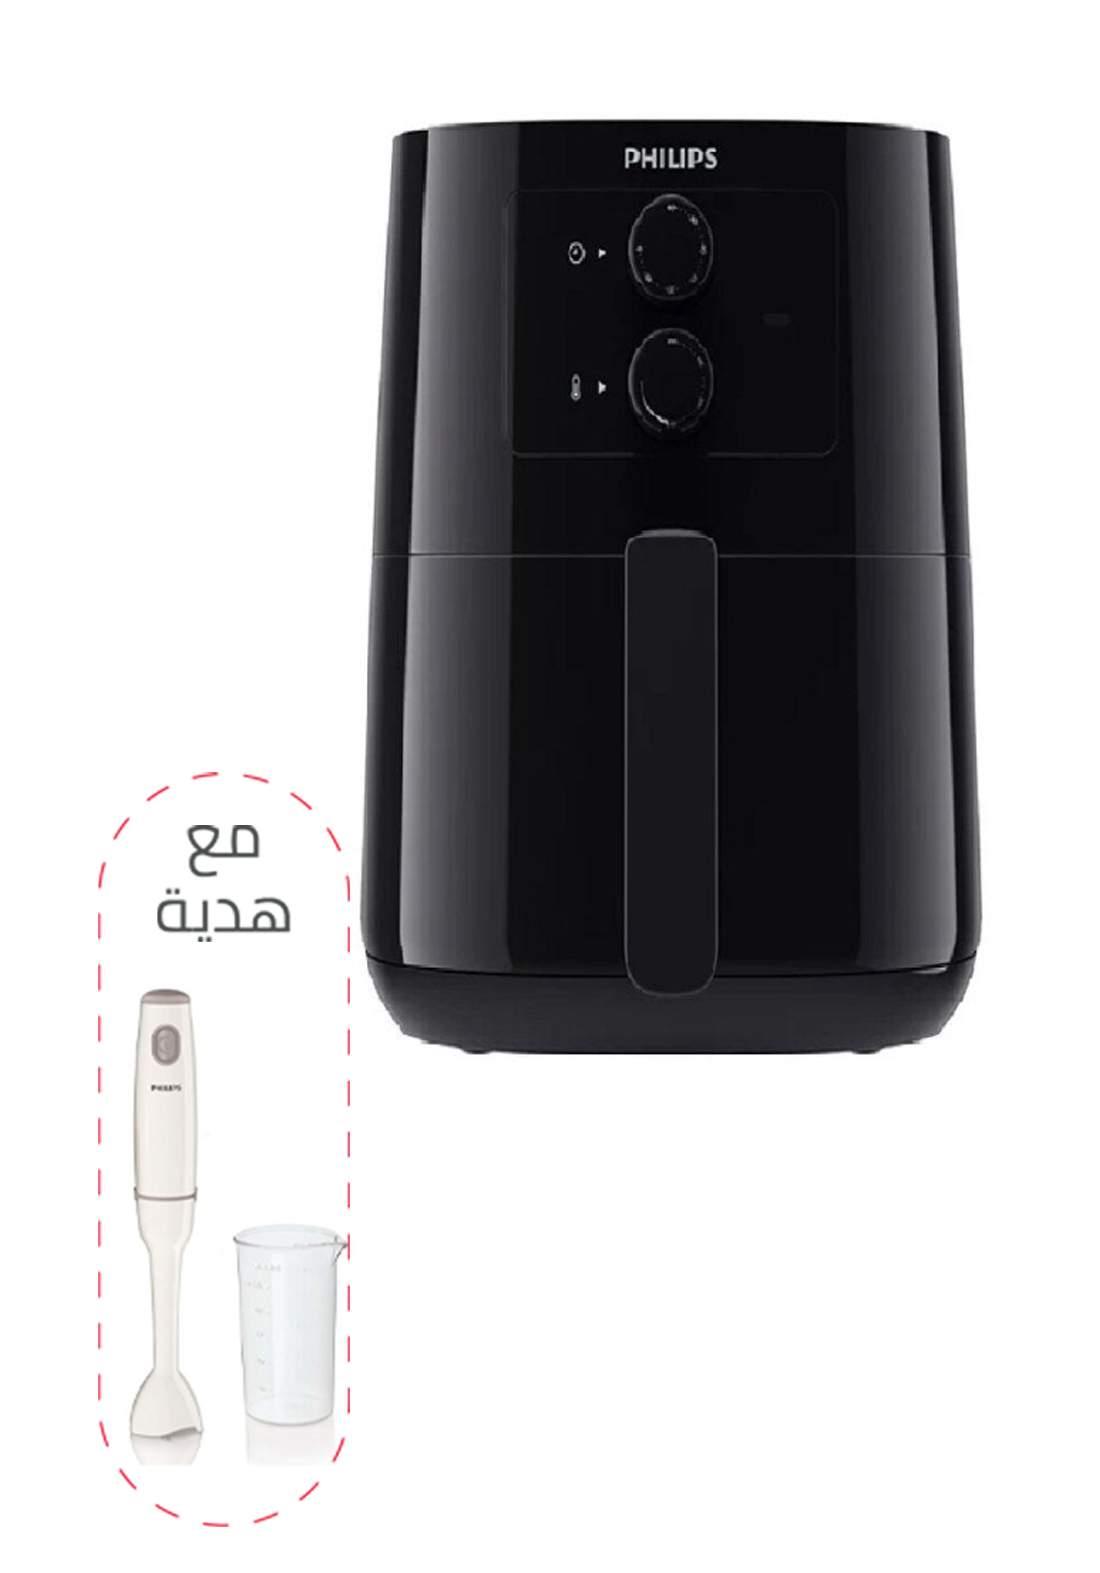 عرض مقلاة هوائية كهربائية+خلاط يدوي هدية  HD9200+HR1600